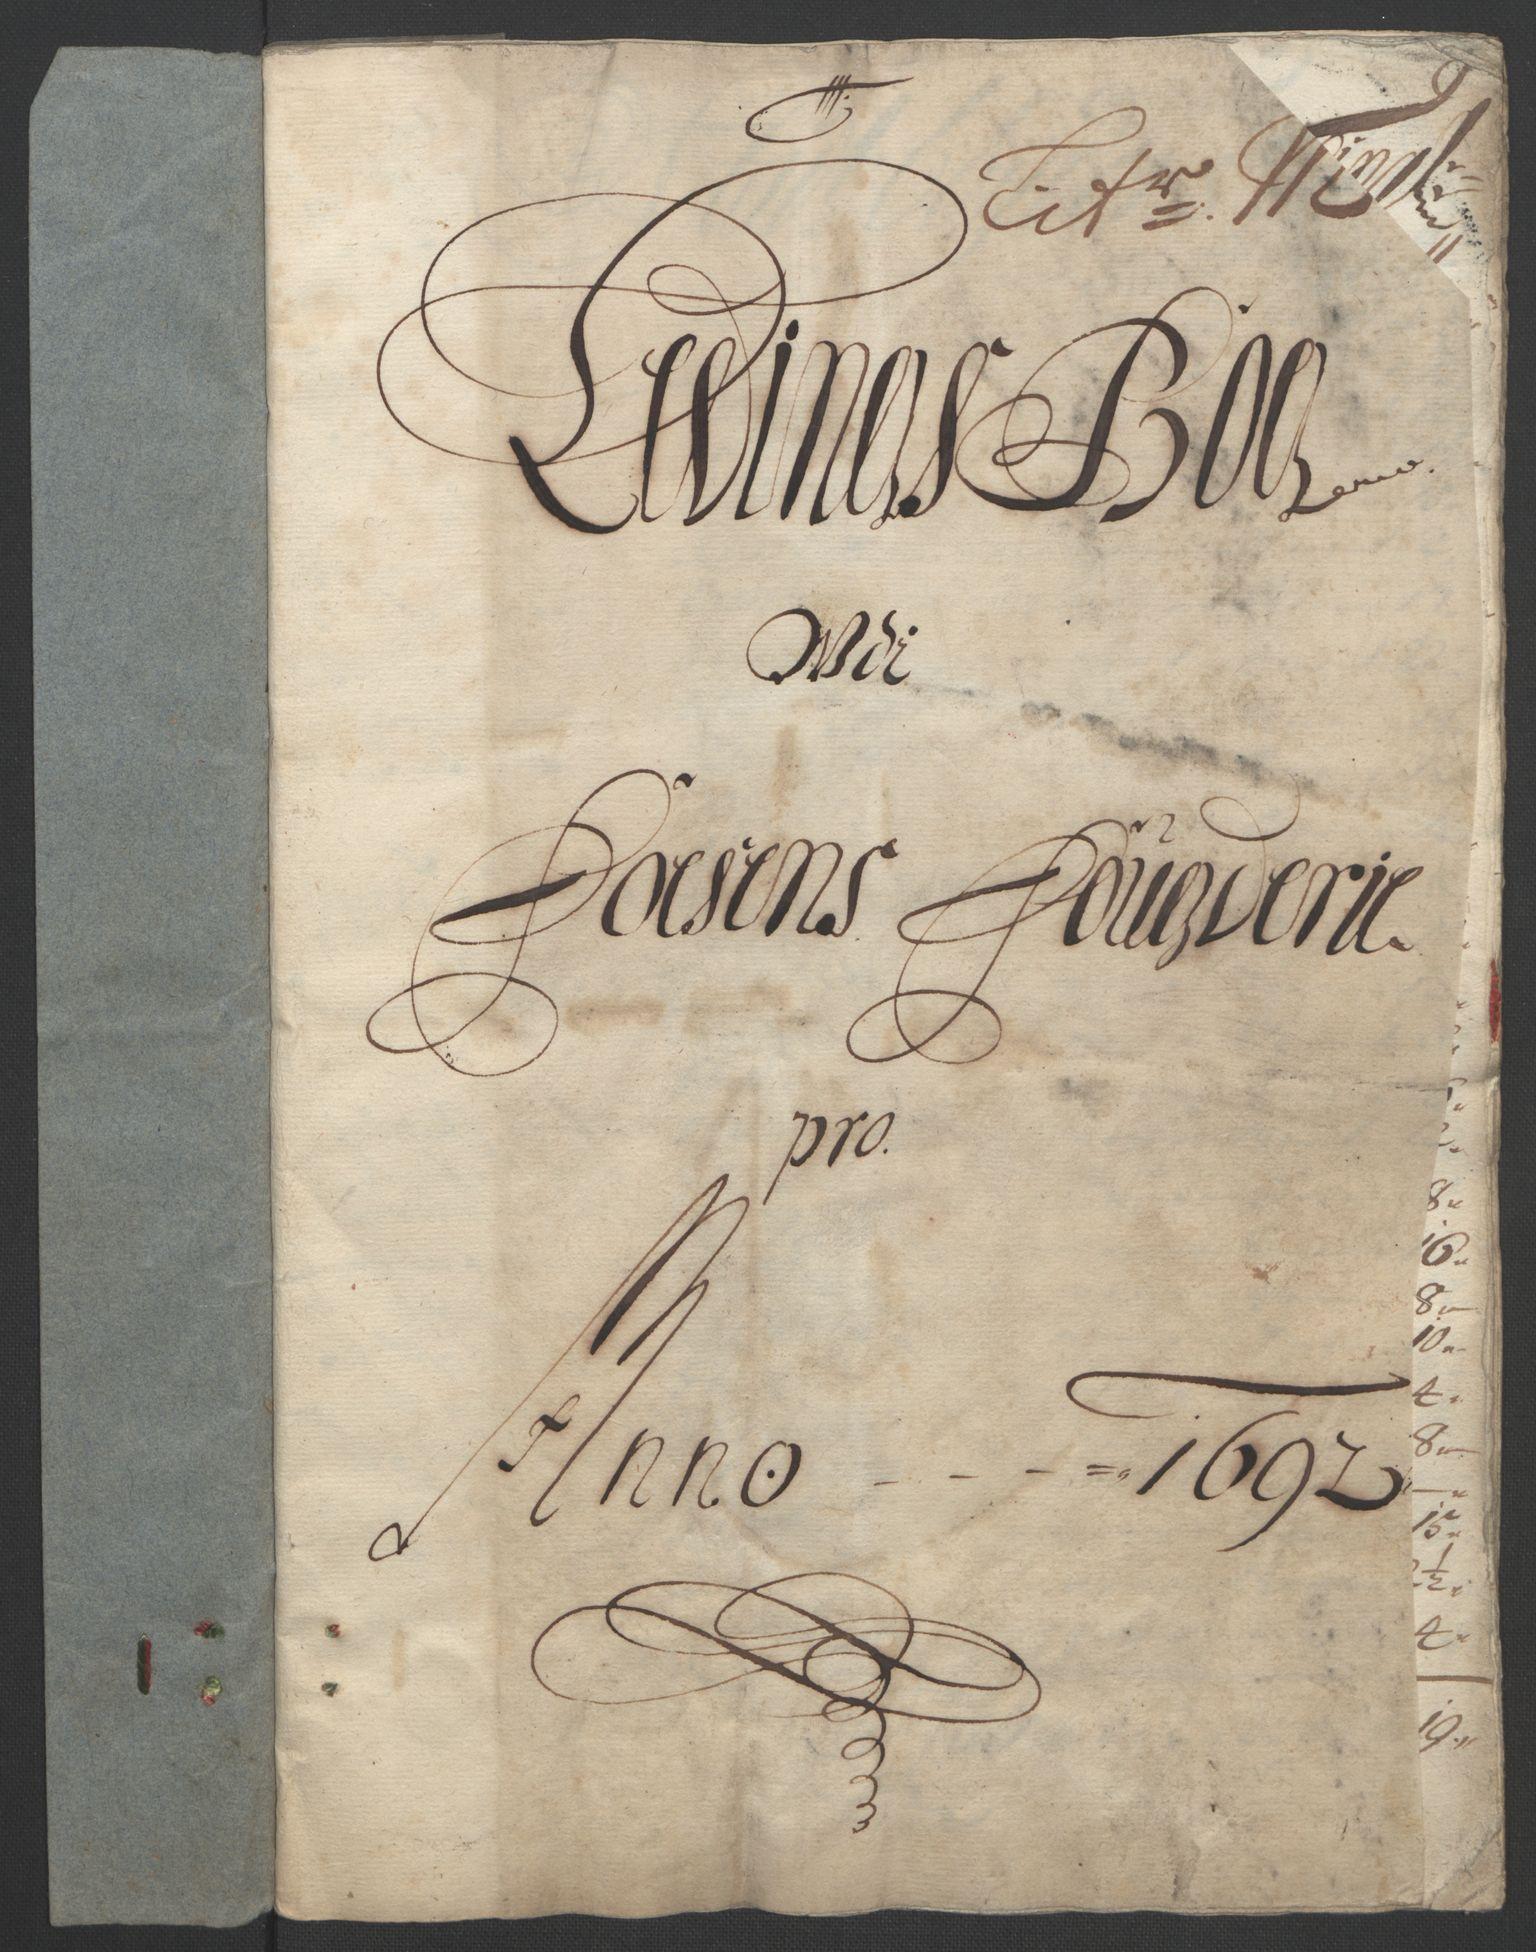 RA, Rentekammeret inntil 1814, Reviderte regnskaper, Fogderegnskap, R57/L3849: Fogderegnskap Fosen, 1692-1693, s. 185